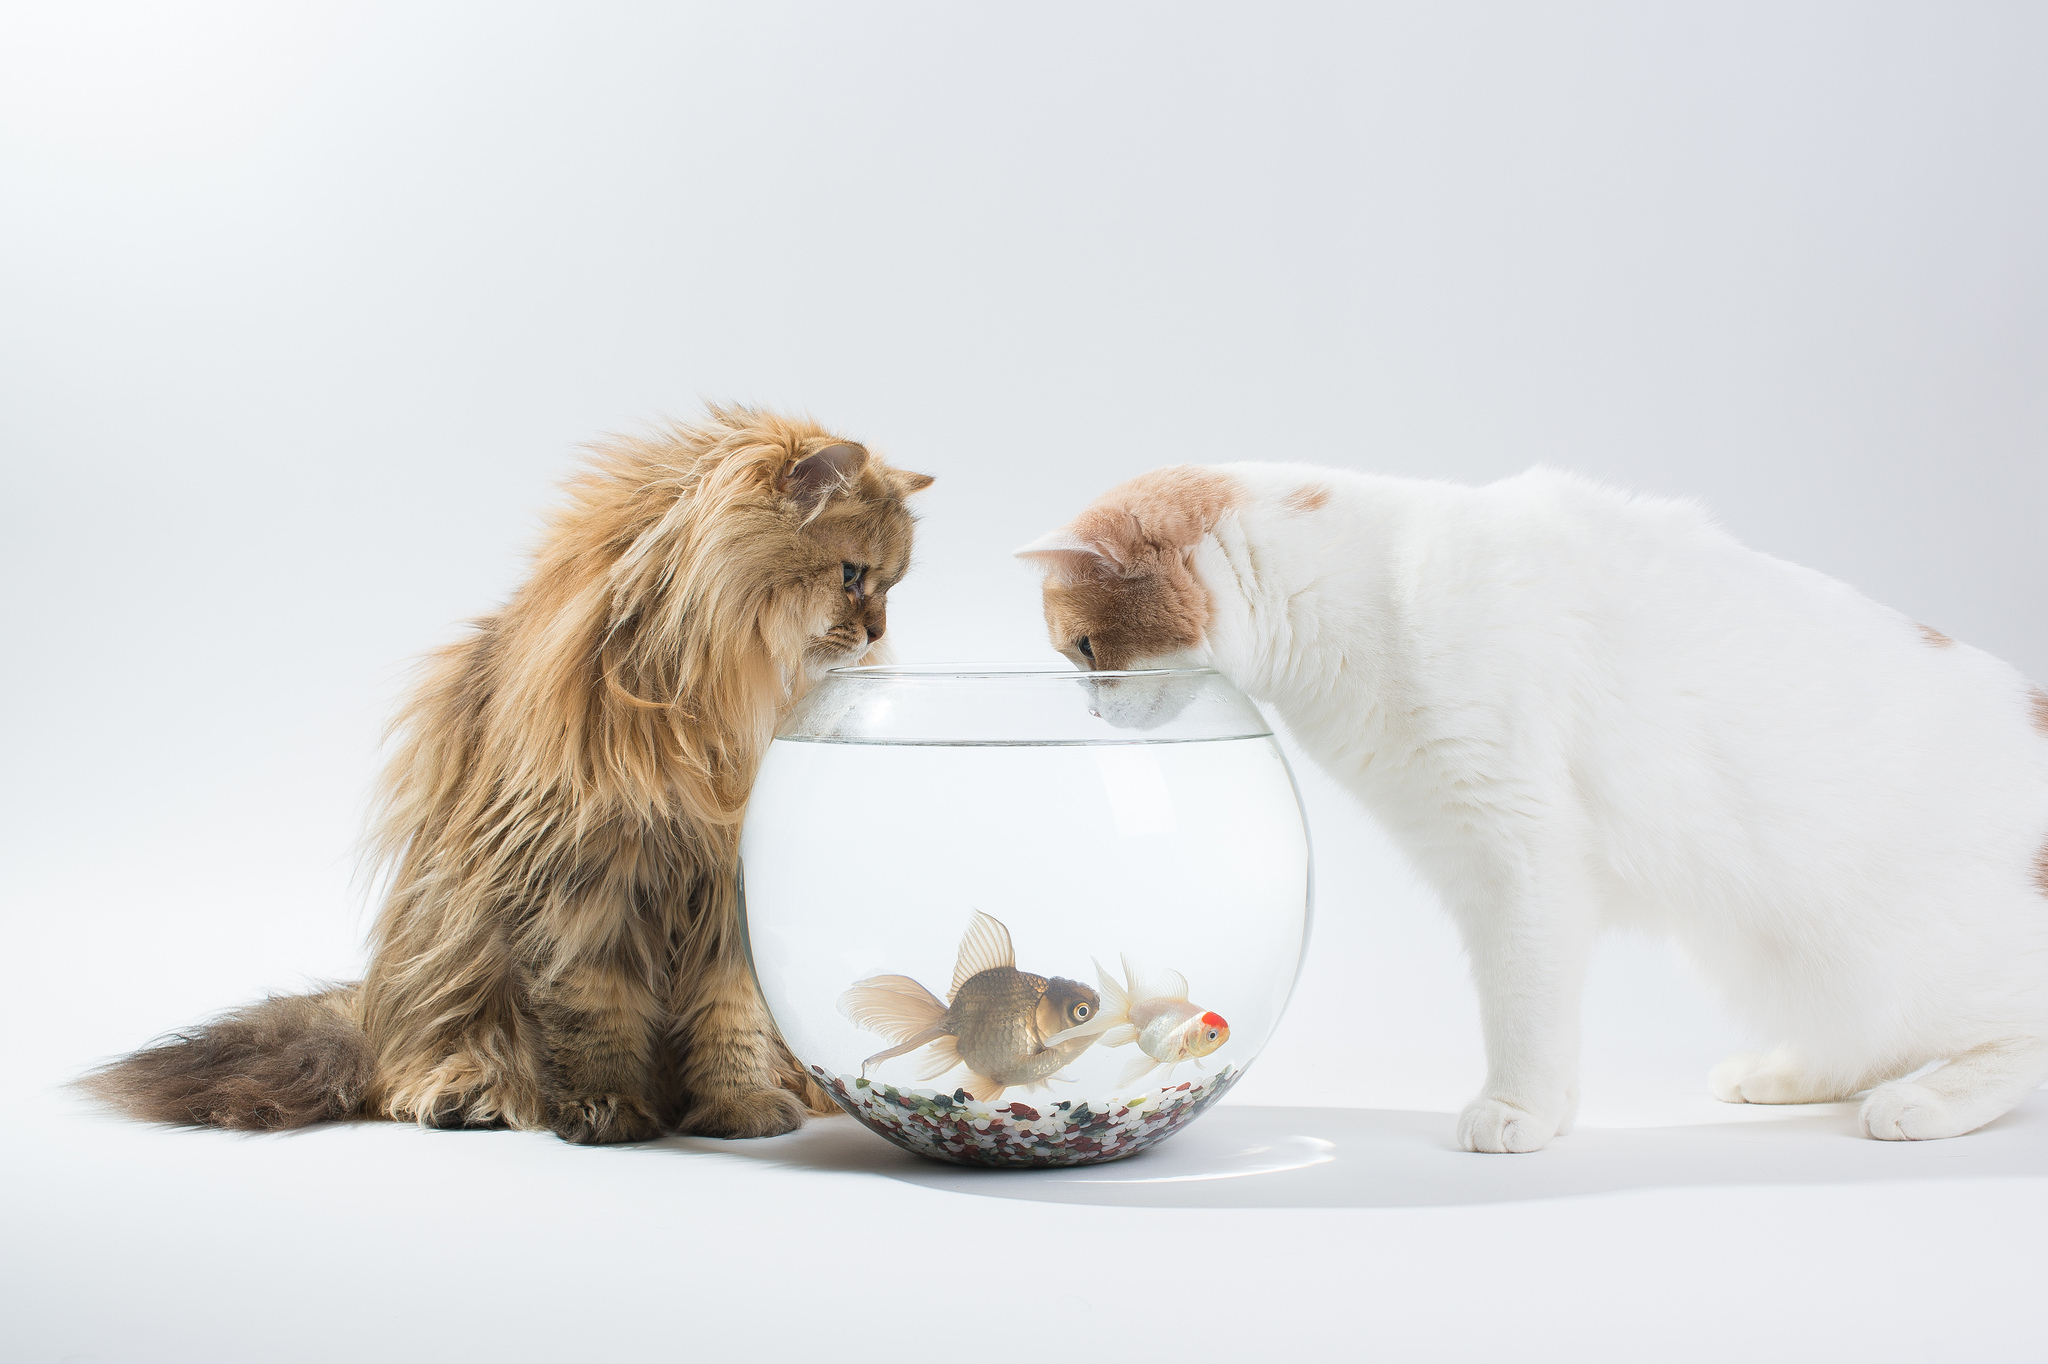 серый кот с рыбкой  № 692257 без смс